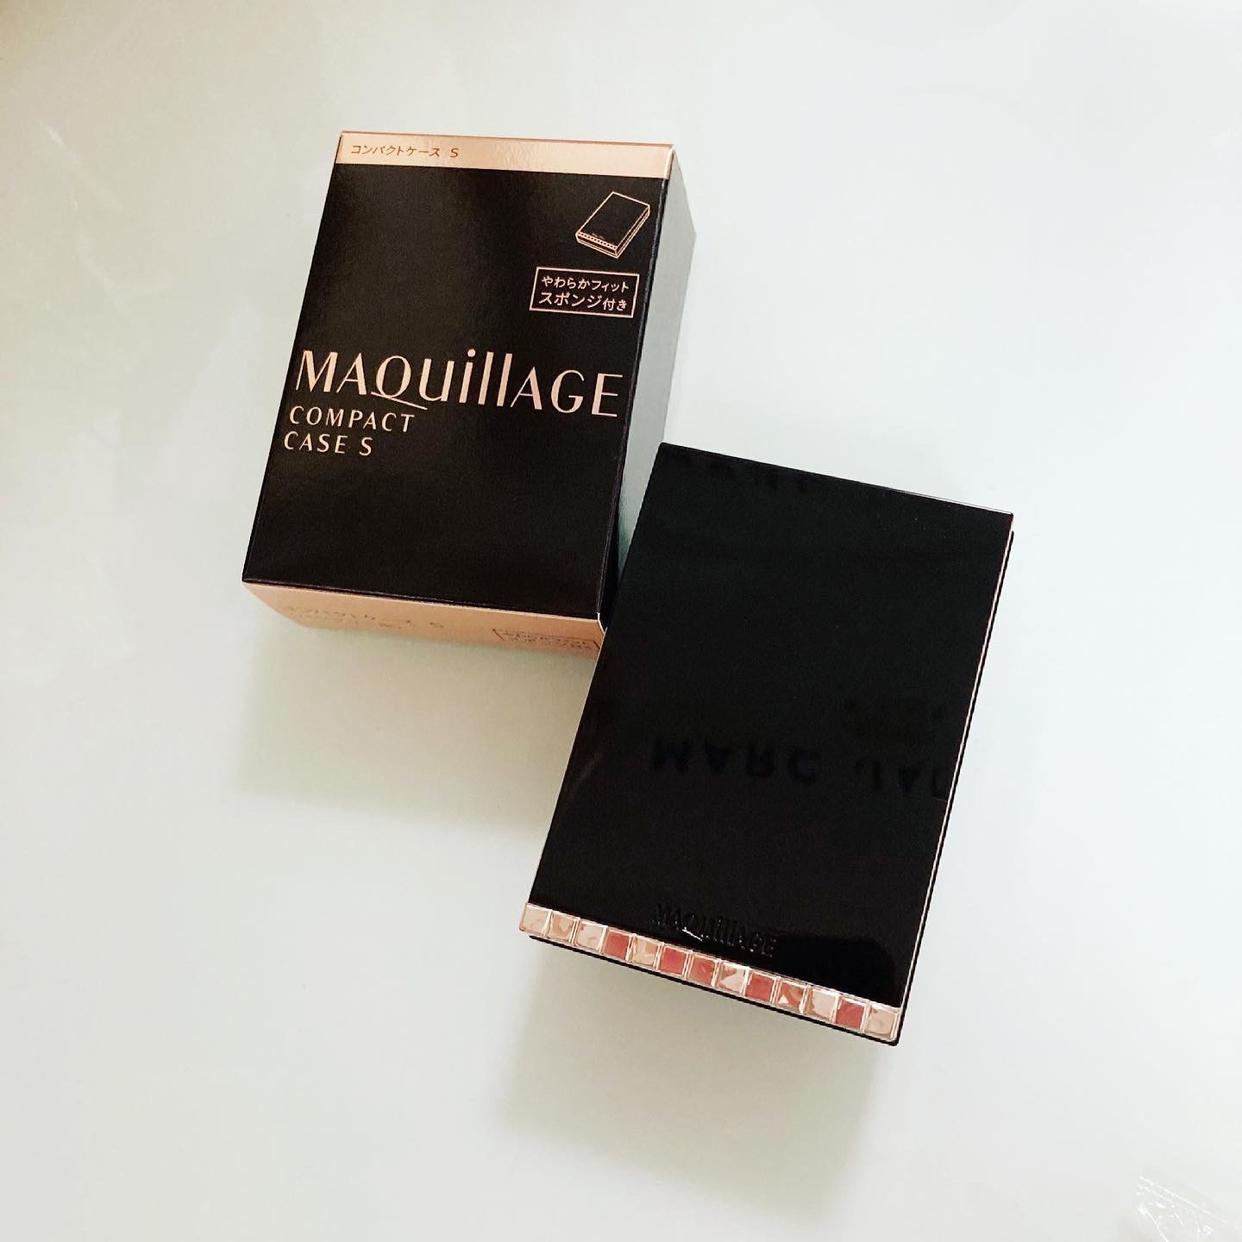 MAQuillAGE(マキアージュ)ドラマティックパウダリー EXを使ったmemiさんのクチコミ画像